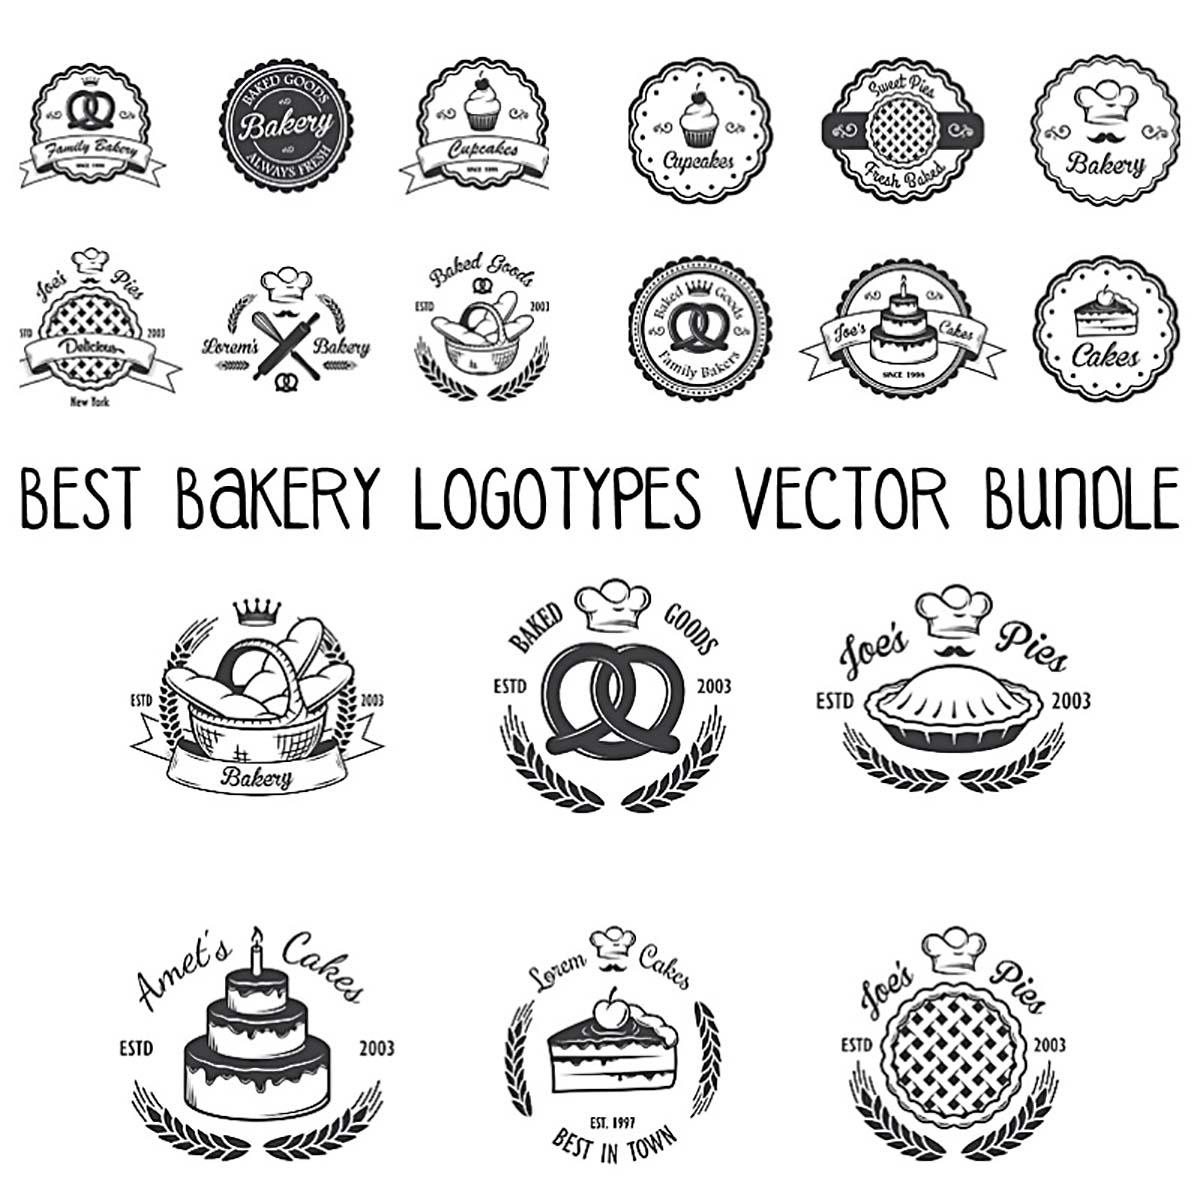 Bakery logotypes best vector bundle